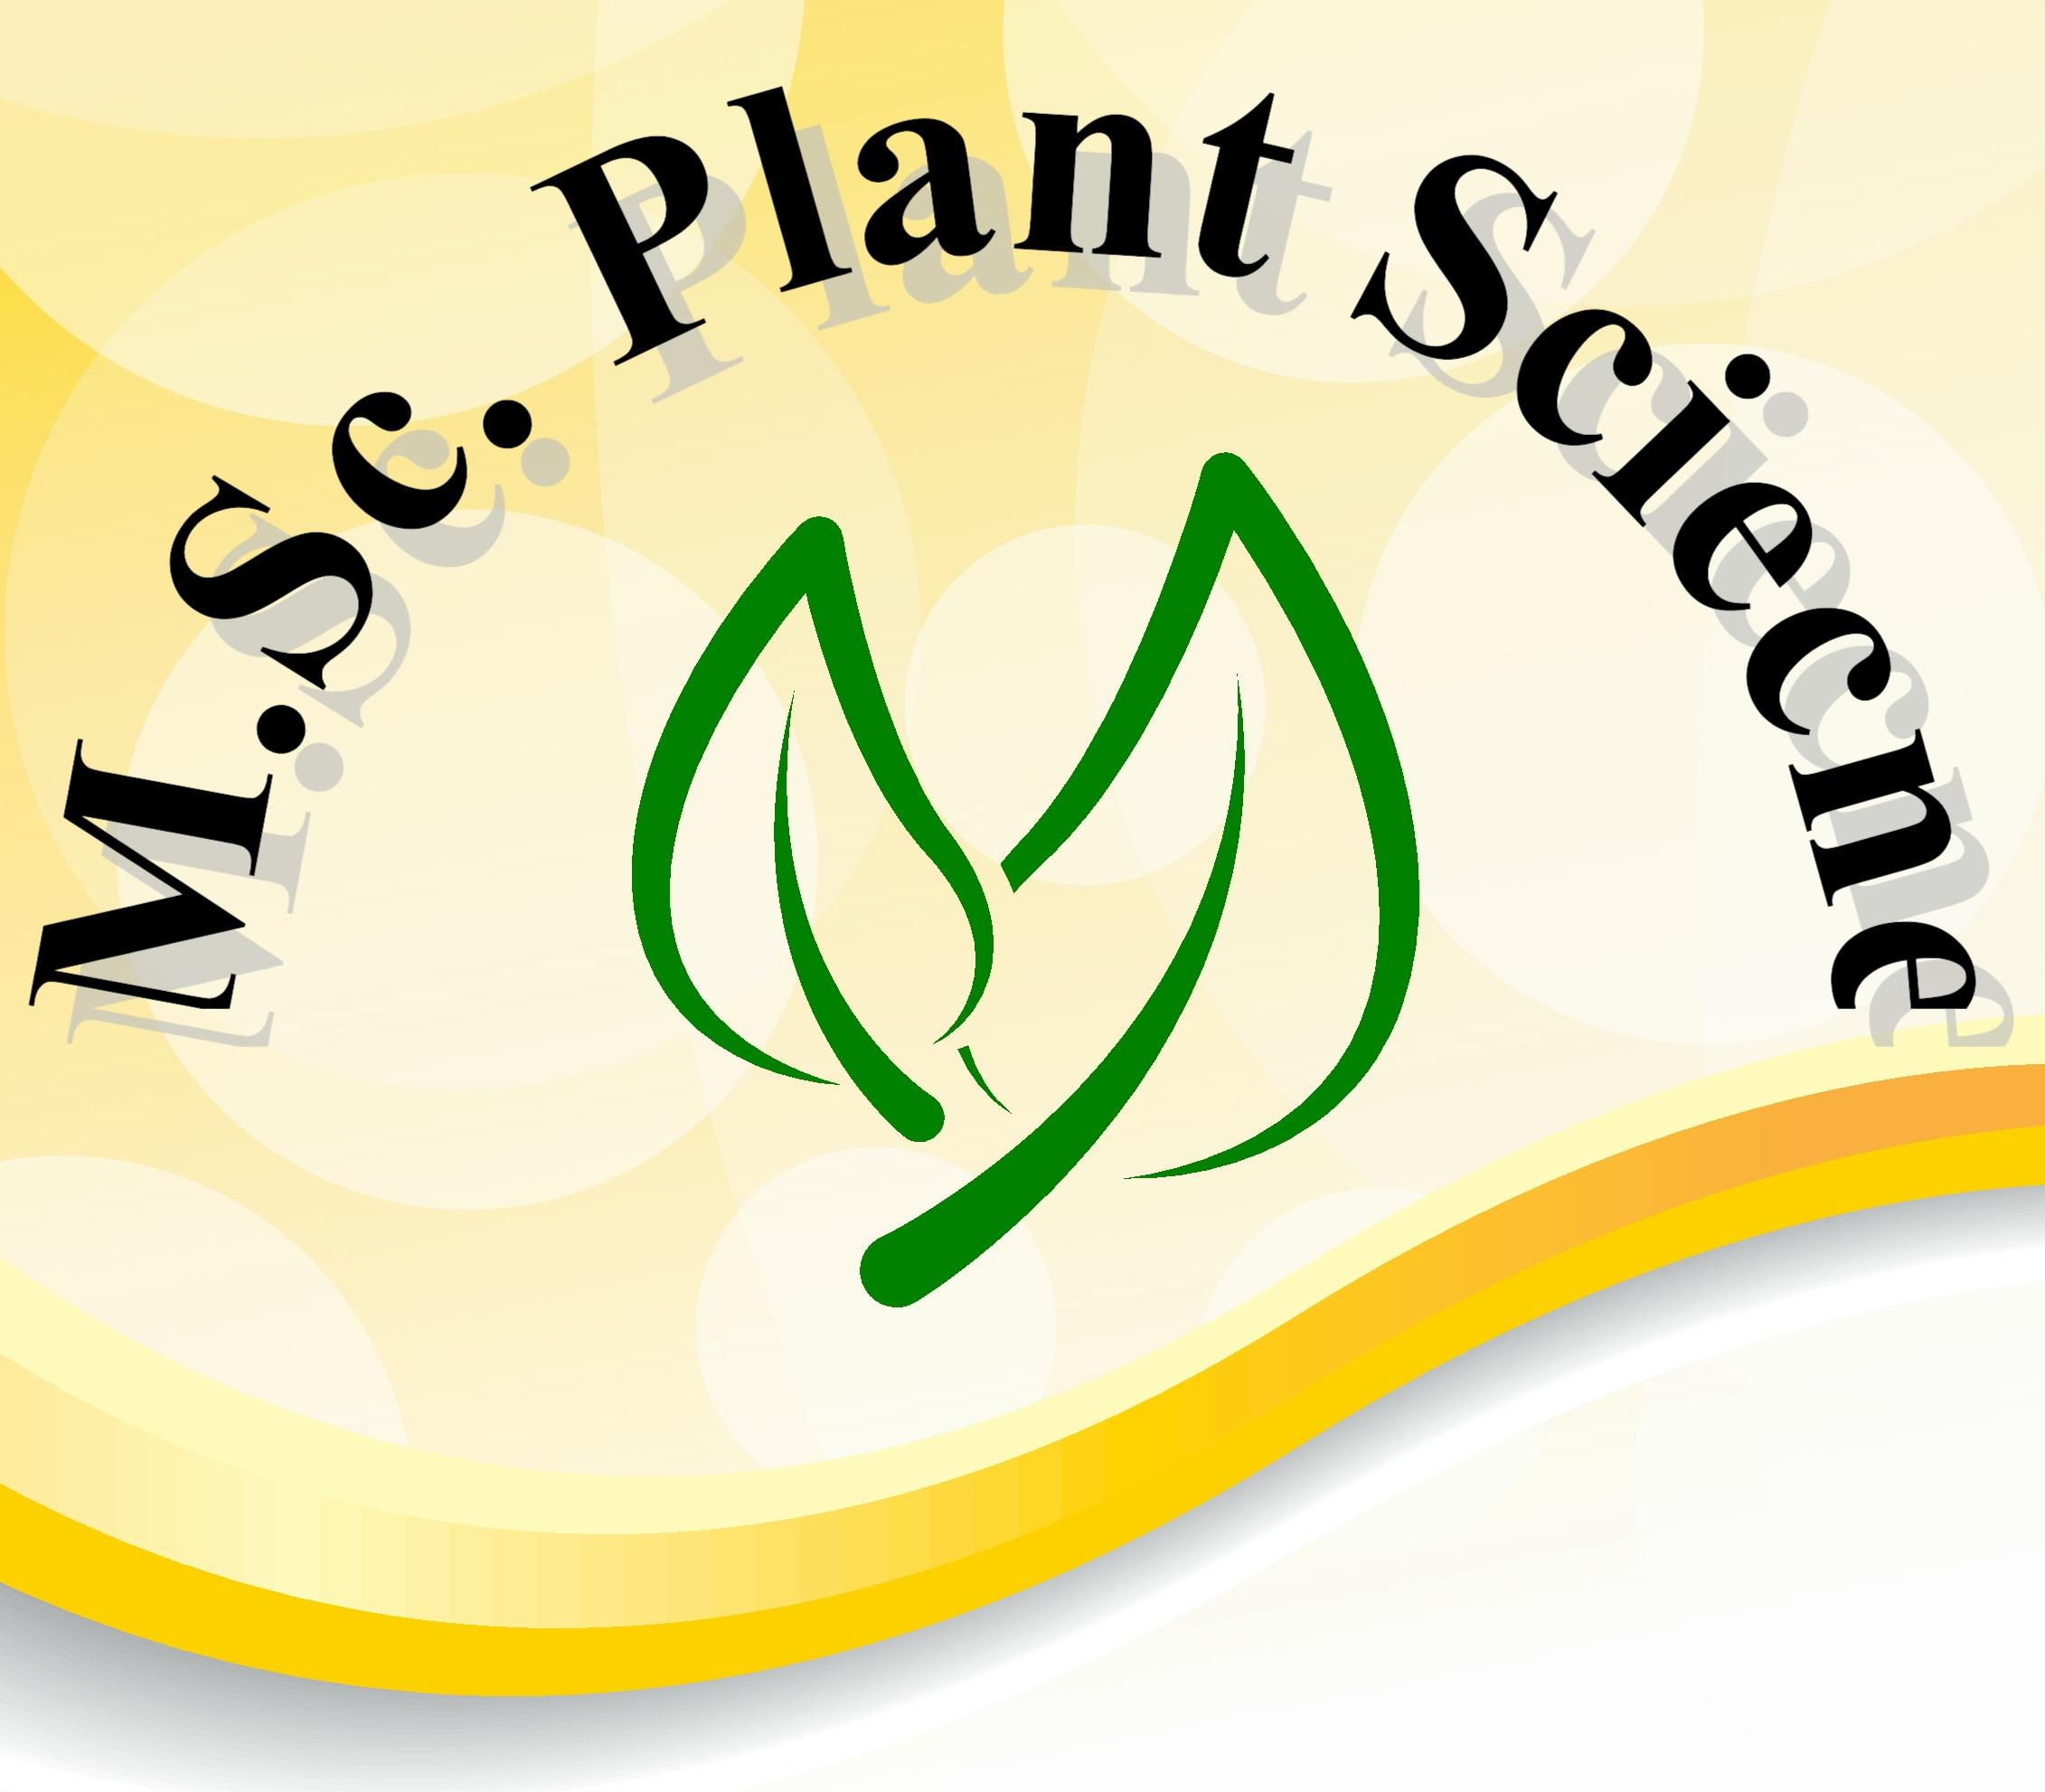 ระเบียบวิธีวิจัยทางพืชศาสตร์ / Research Methods in Plant Science